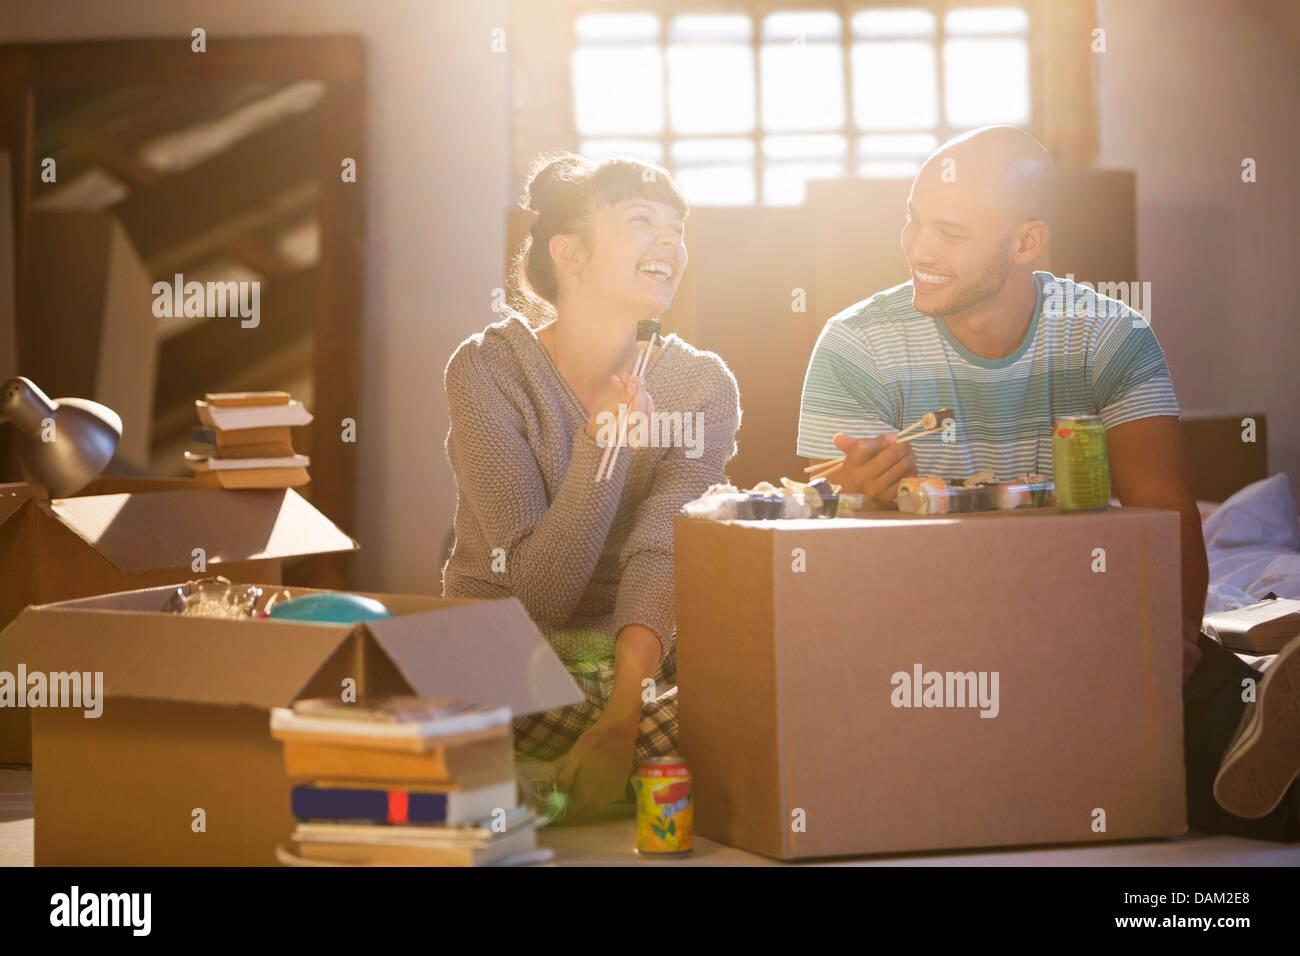 Paar Essen Sushi gemeinsam im neuen Zuhause Stockfoto